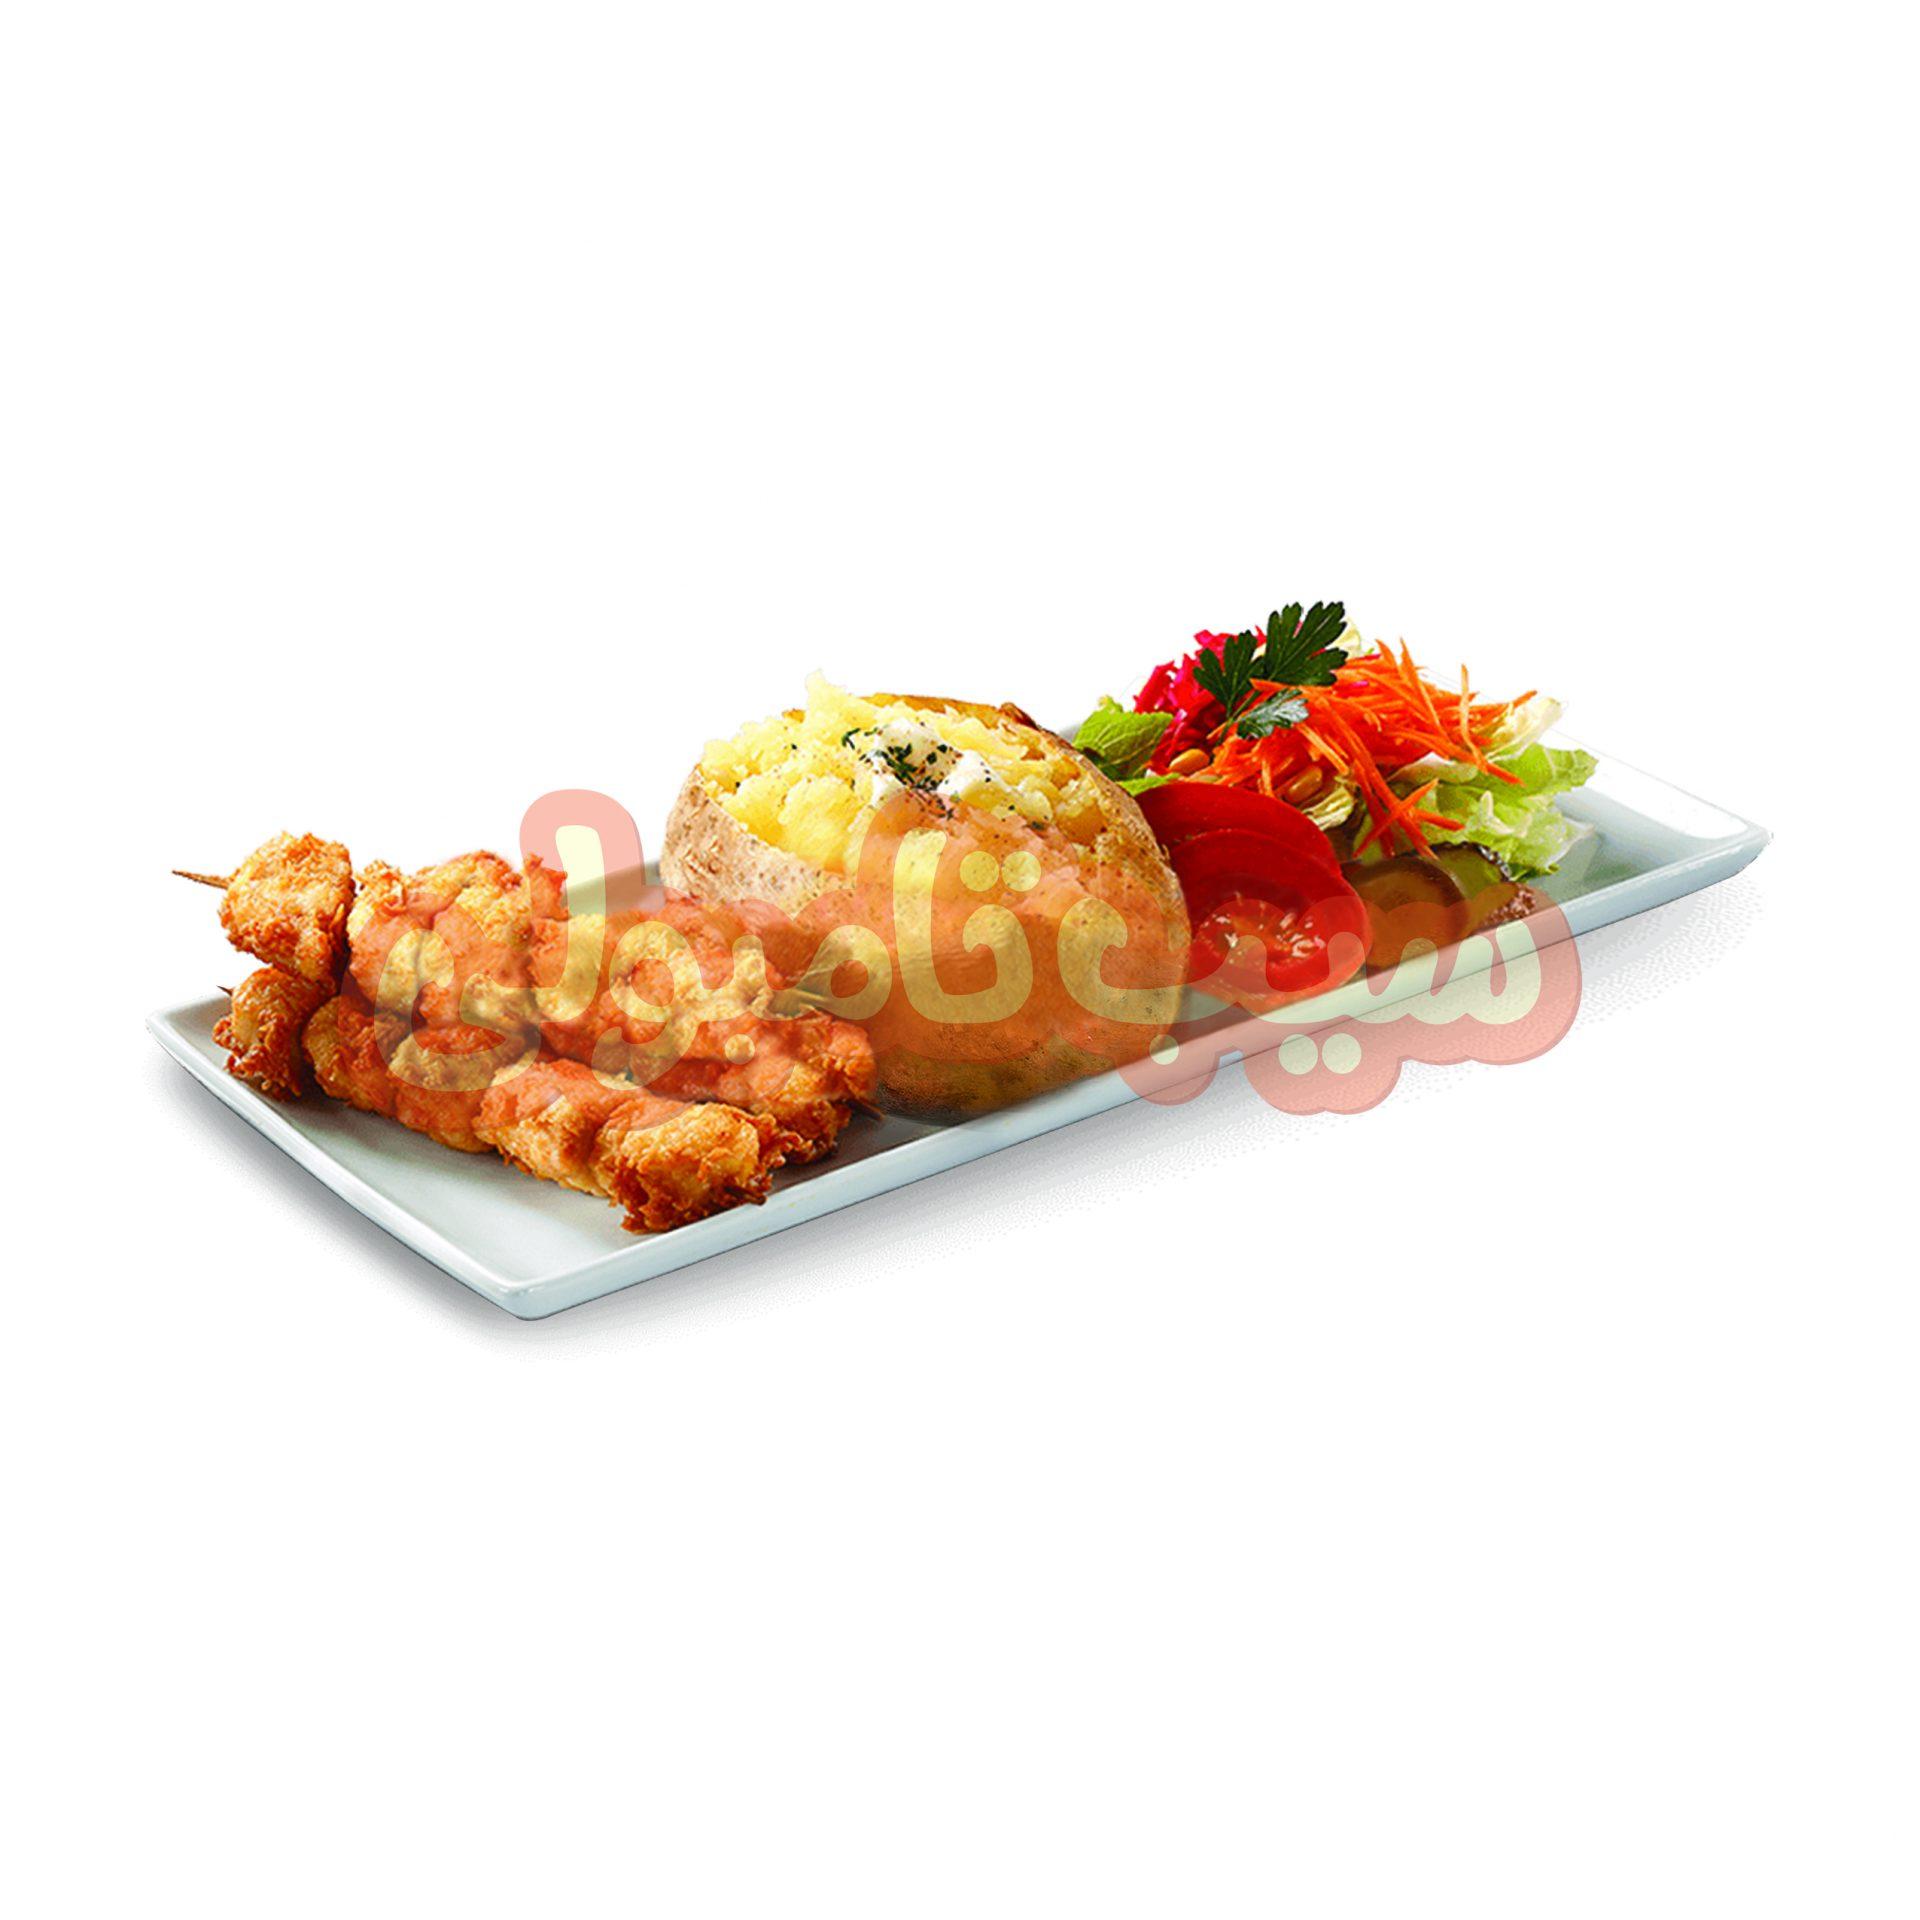 بشقاب سیب تامبولی و مرغ سوخاری!